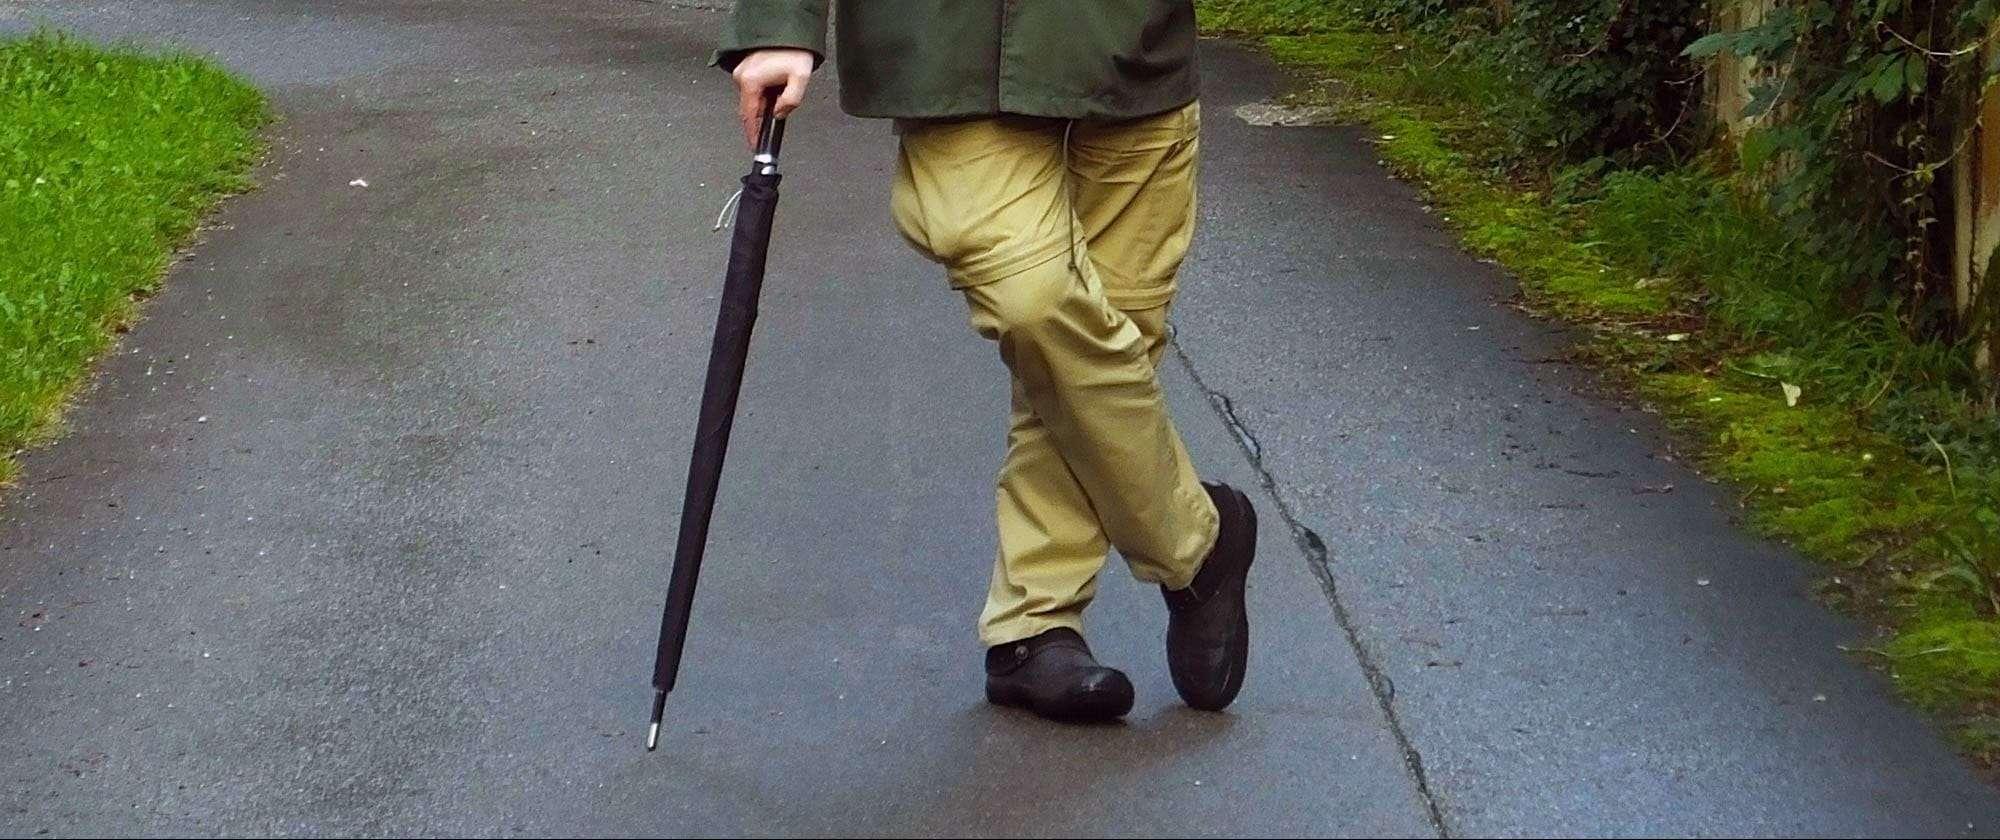 Sicherer Spaziergang mit dem SV-Schirm